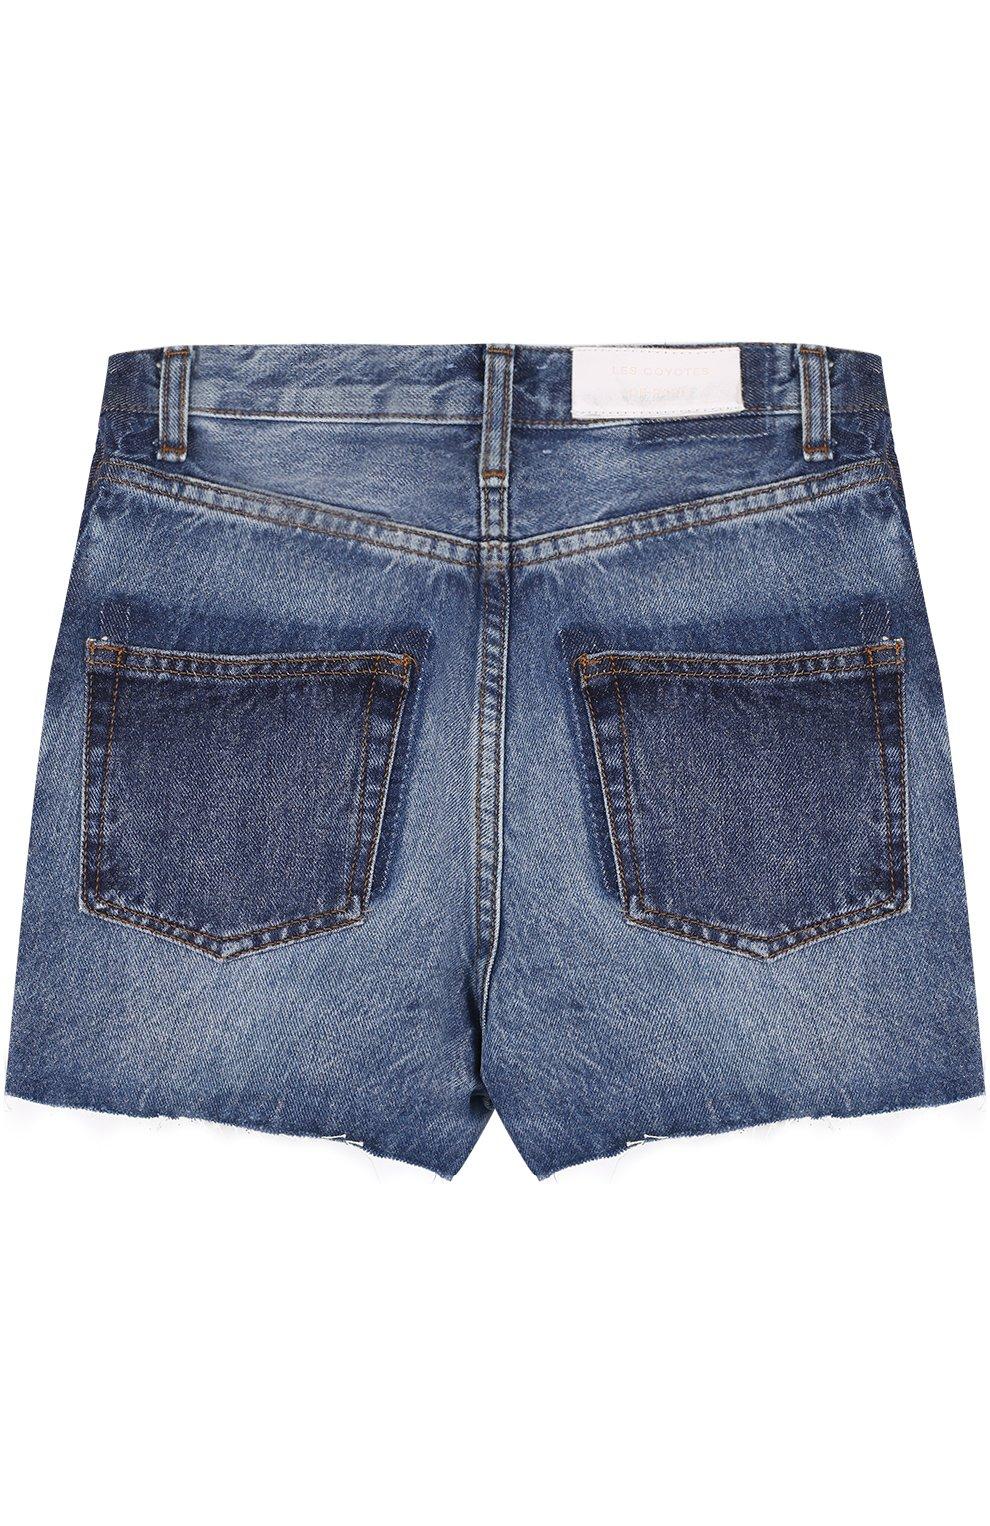 Детские джинсовые шорты с декоративными потертостями LES COYOTES DE PARIS синего цвета, арт. 310348 | Фото 2